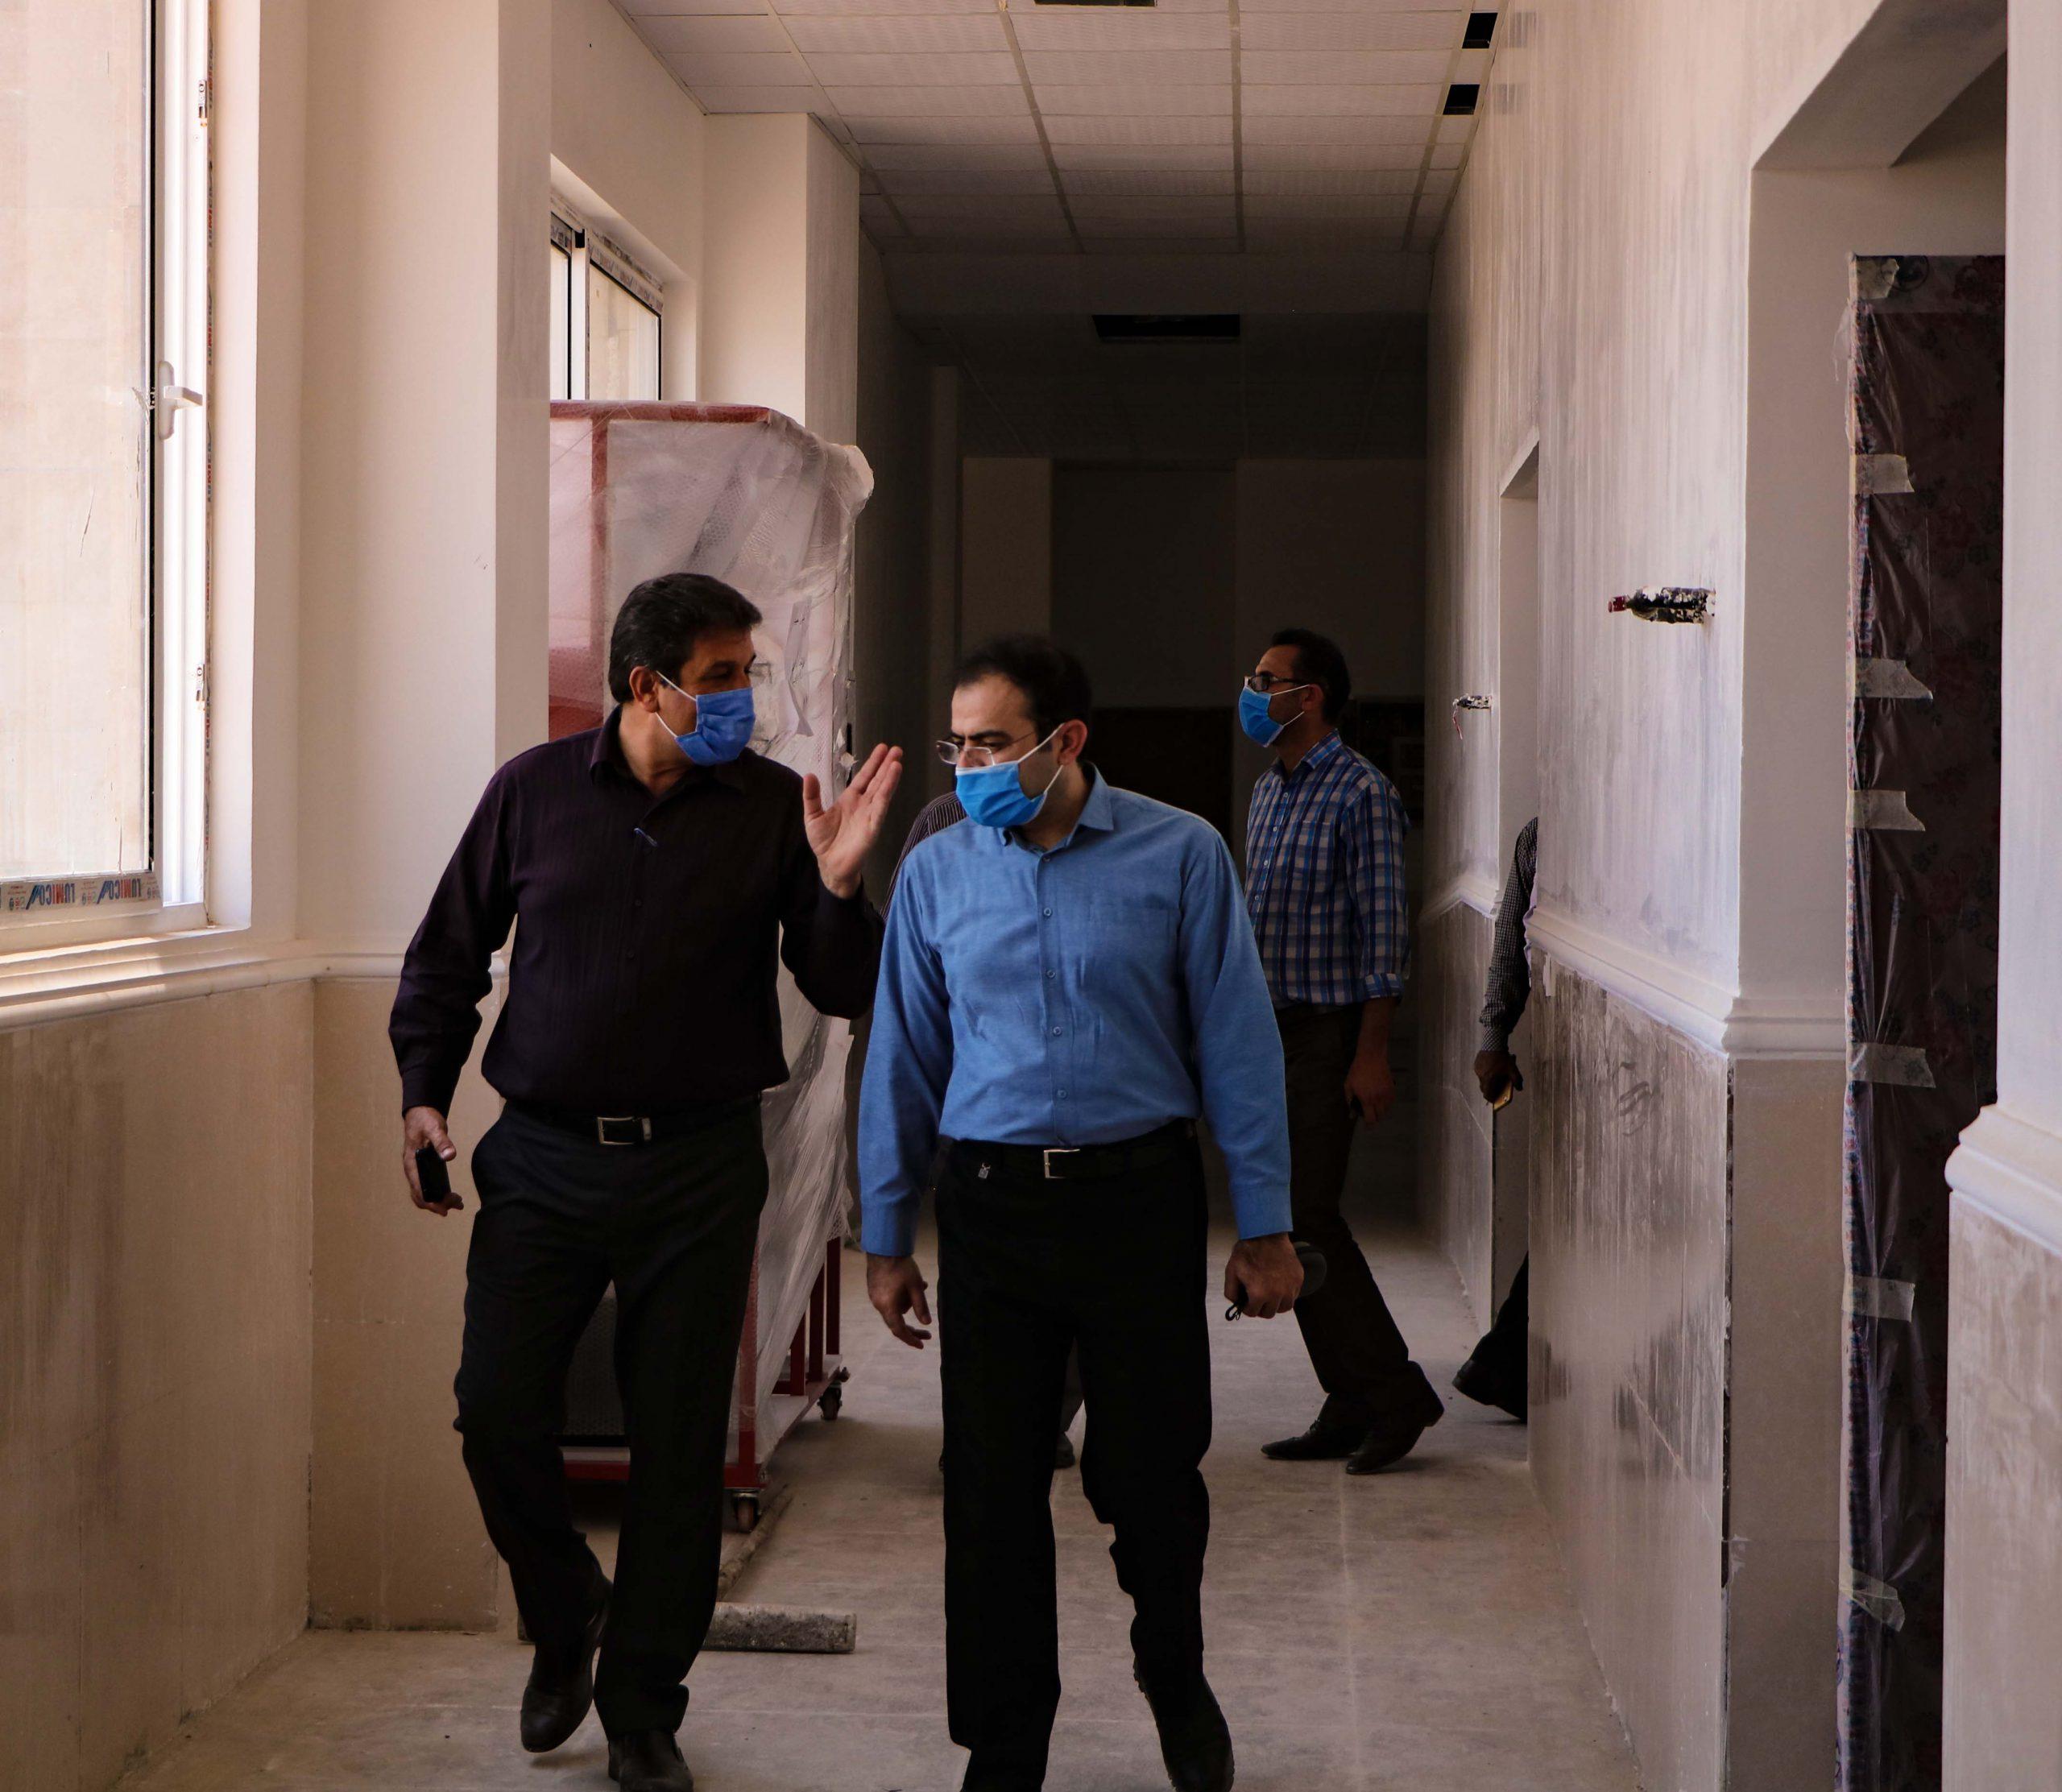 بازدید مدیرکل امور فنی ونظارت بر طرح های عمرانی دانشگاه شیراز از پروژه در حال احداث مرکزآموزش عالی لامرد